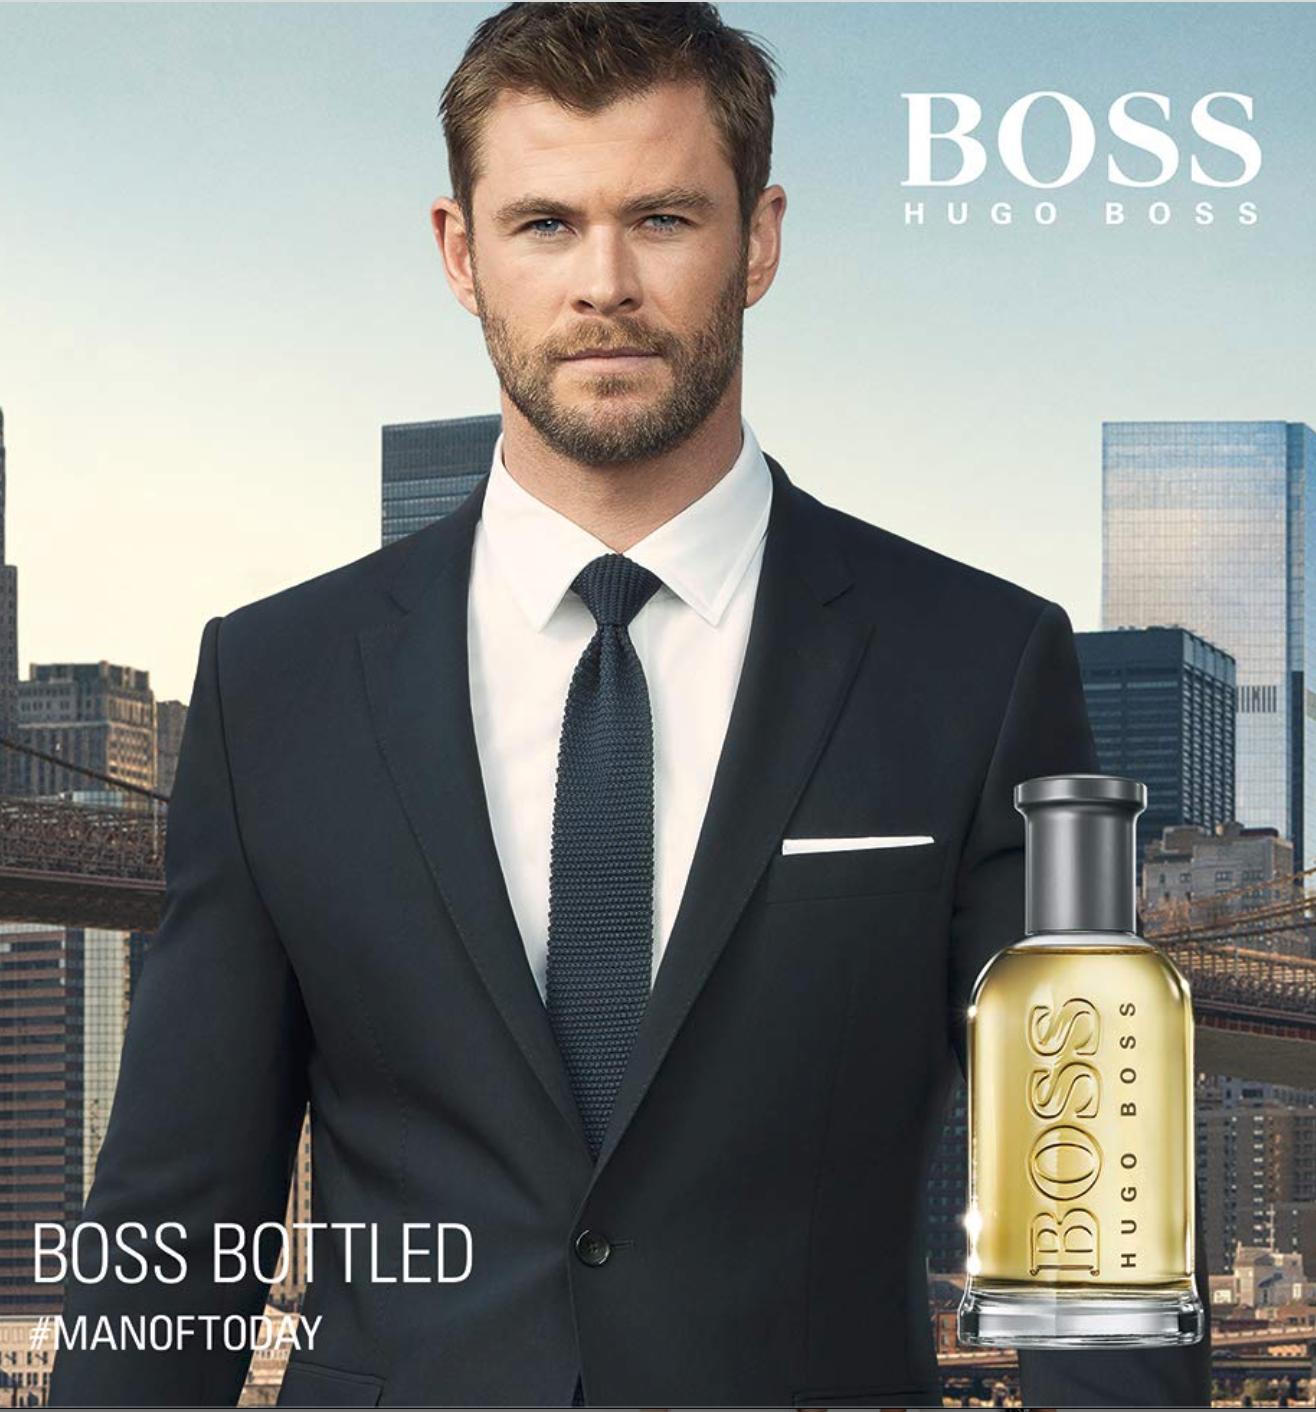 Poster Of Chris For Boss Bottled Tonic Manoftoday Chris